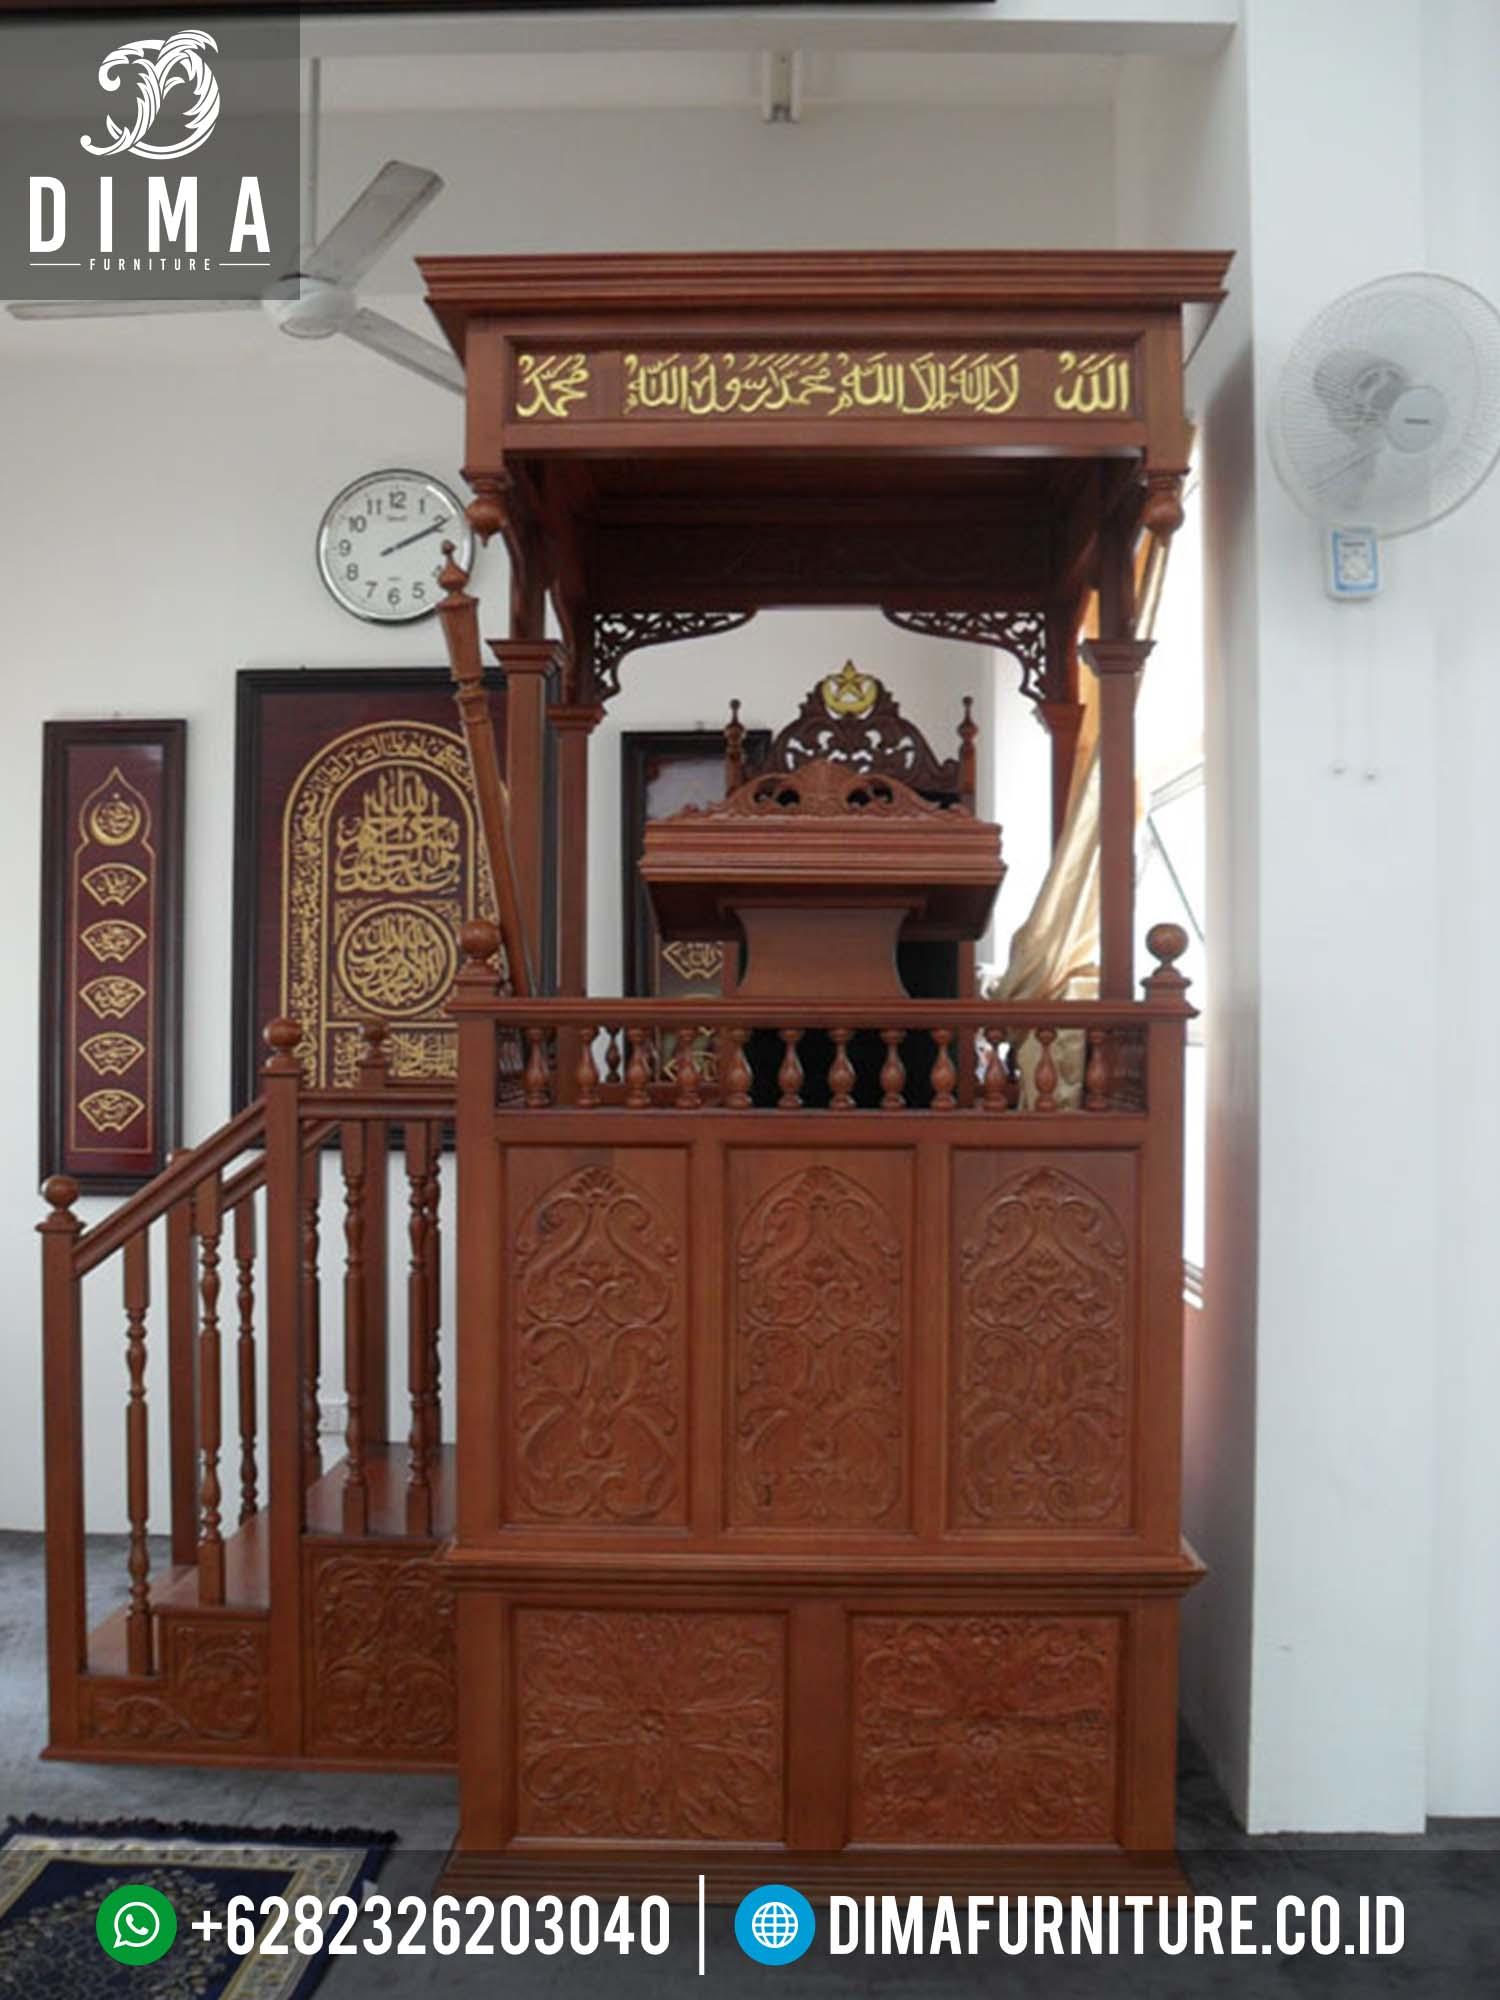 Jual Mimbar Masjid Murah, Mimbar Podium Pidato Terbaru, Mimbar Presiden Minimalis Terbaru 2016, Mimbar Jati Jepara Murah, Mimbar Masjid Jati Murah DF-0092